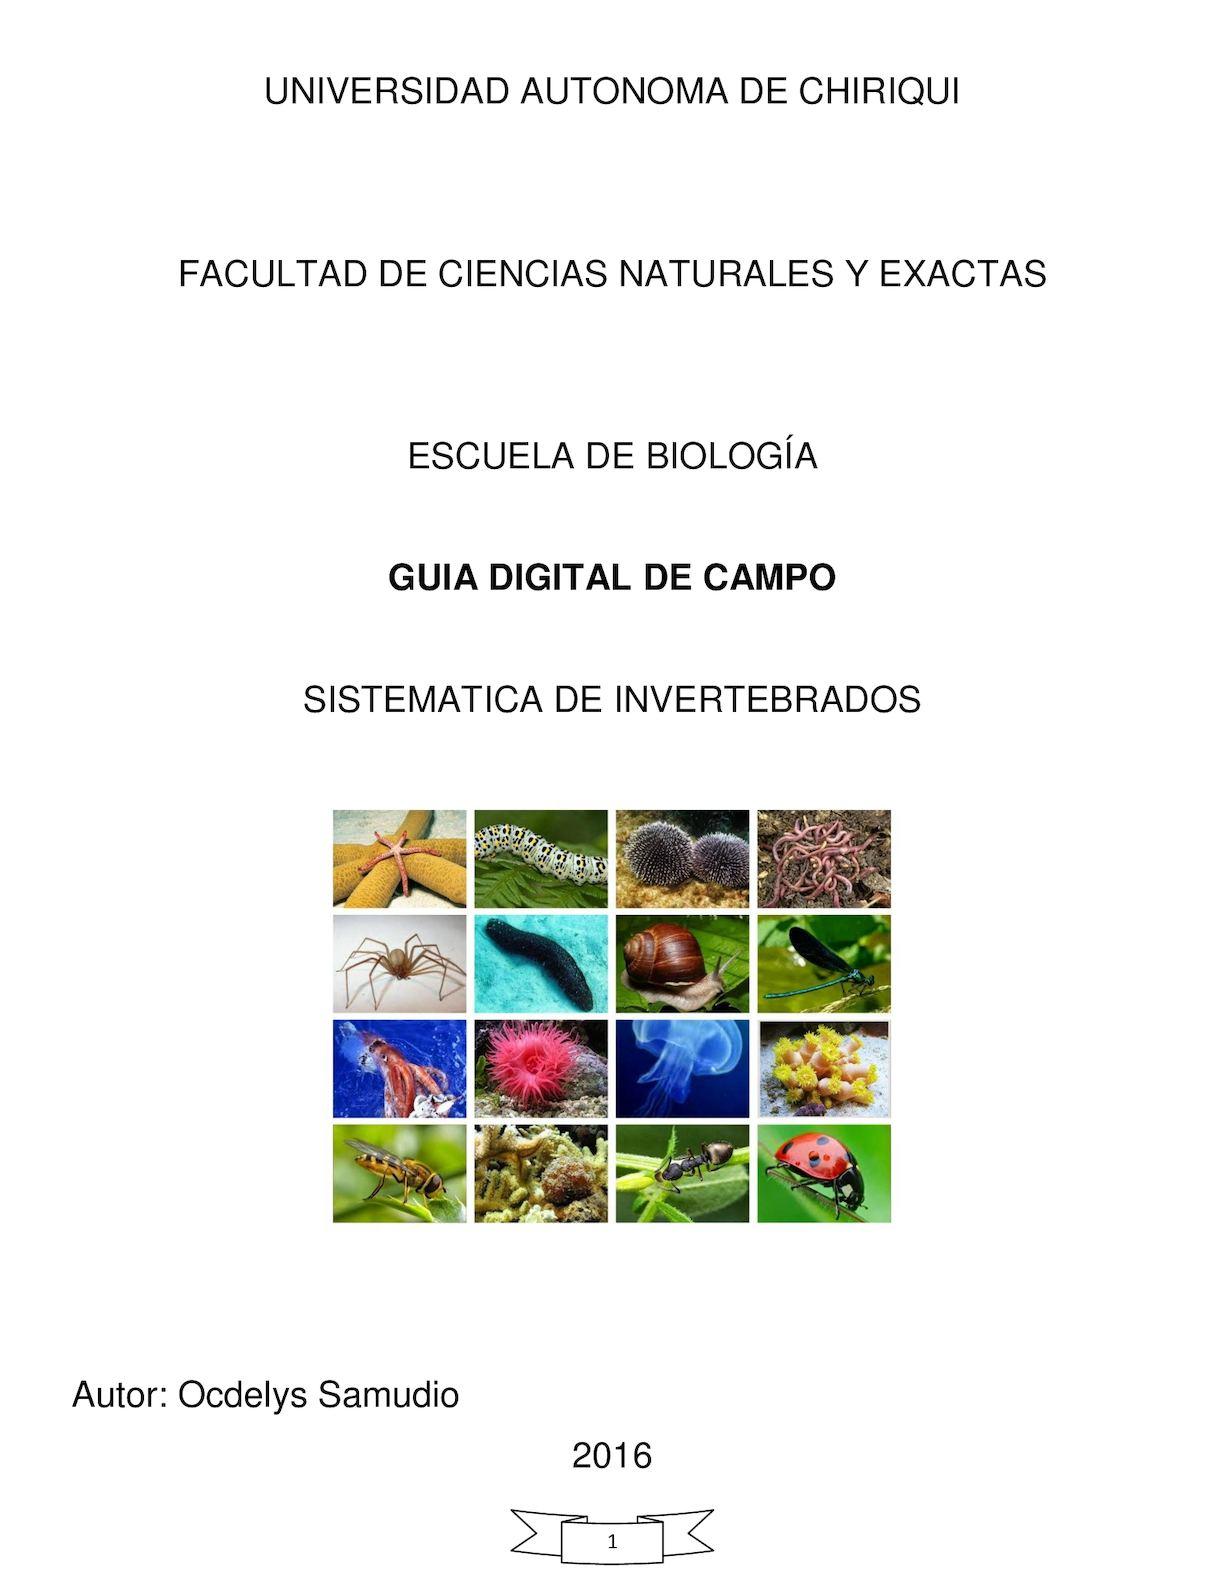 Calaméo - Guia De Campo Virtual Completa Invertebrados 2016 Ocdelys